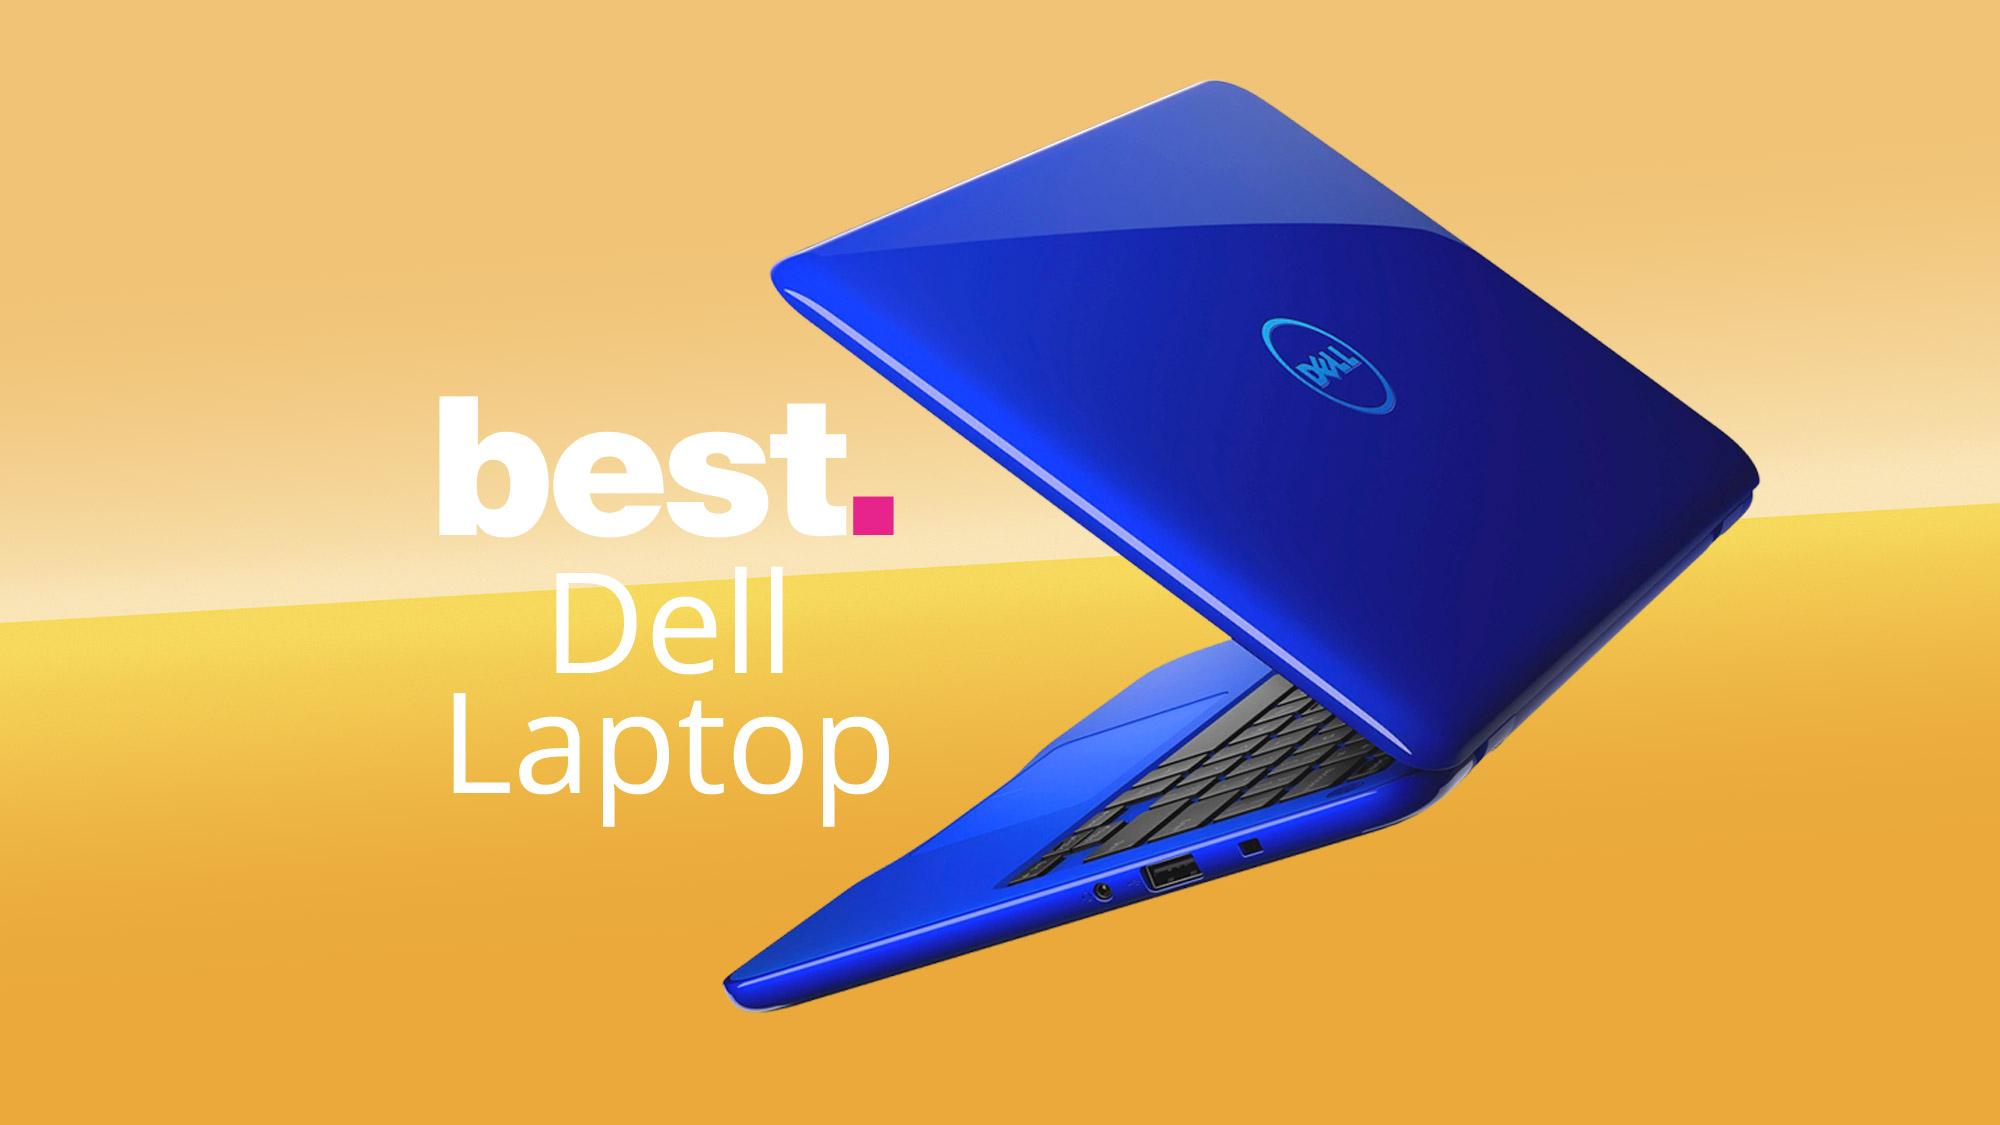 سعر ومواصفات مجموعة من أفضل أجهزة لابتوب DELL لعام 2020 48